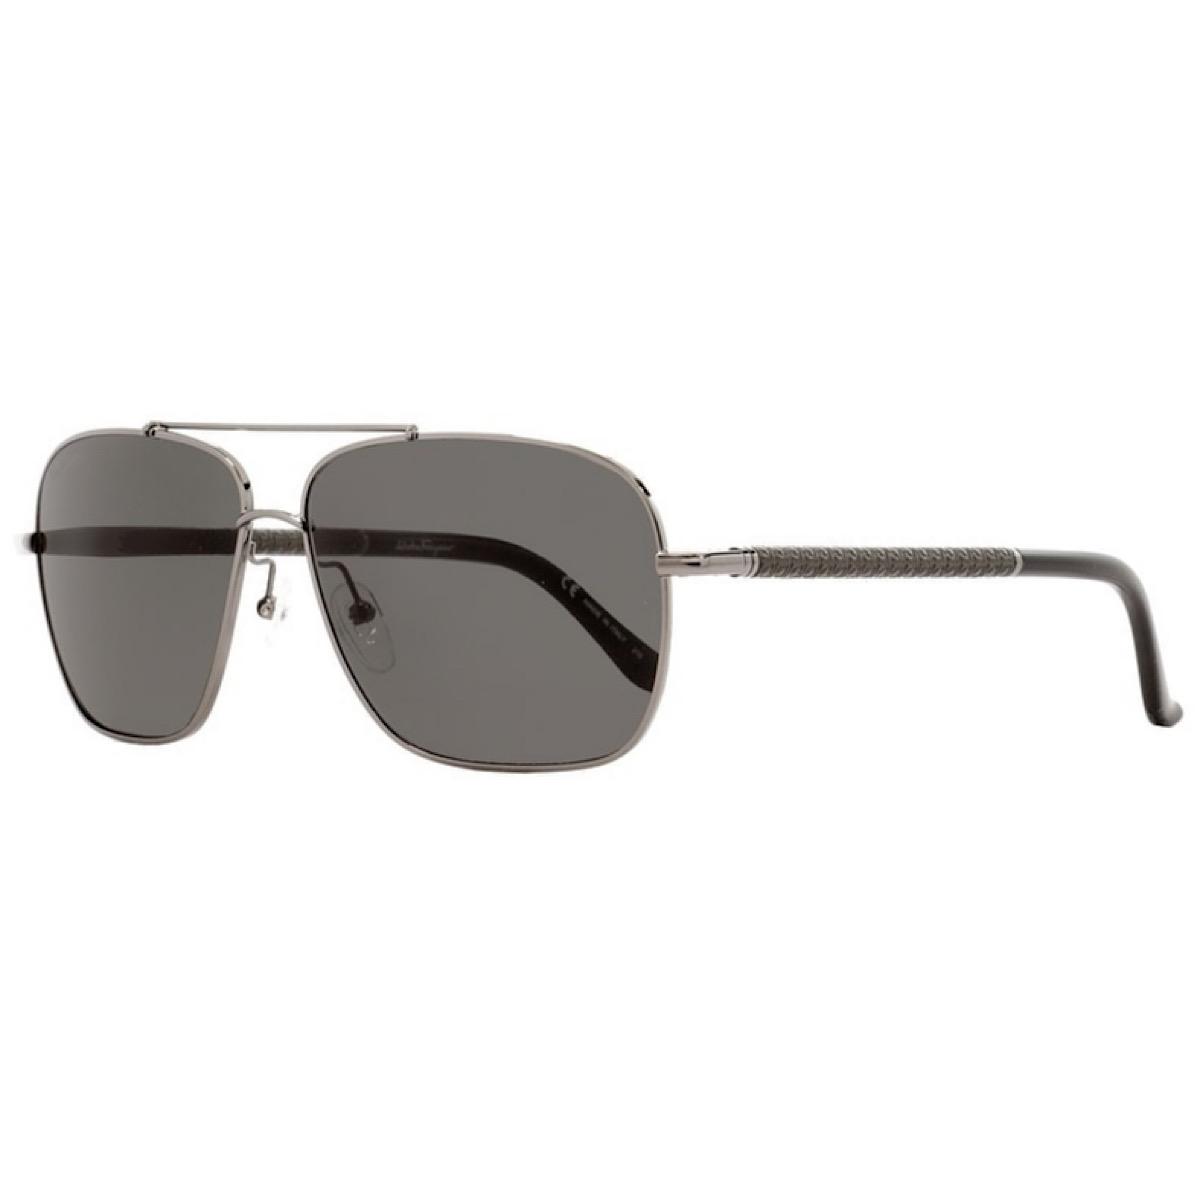 عینک آفتابی مردانه سالواتوره فراگامو مدل SF145S -  - 1